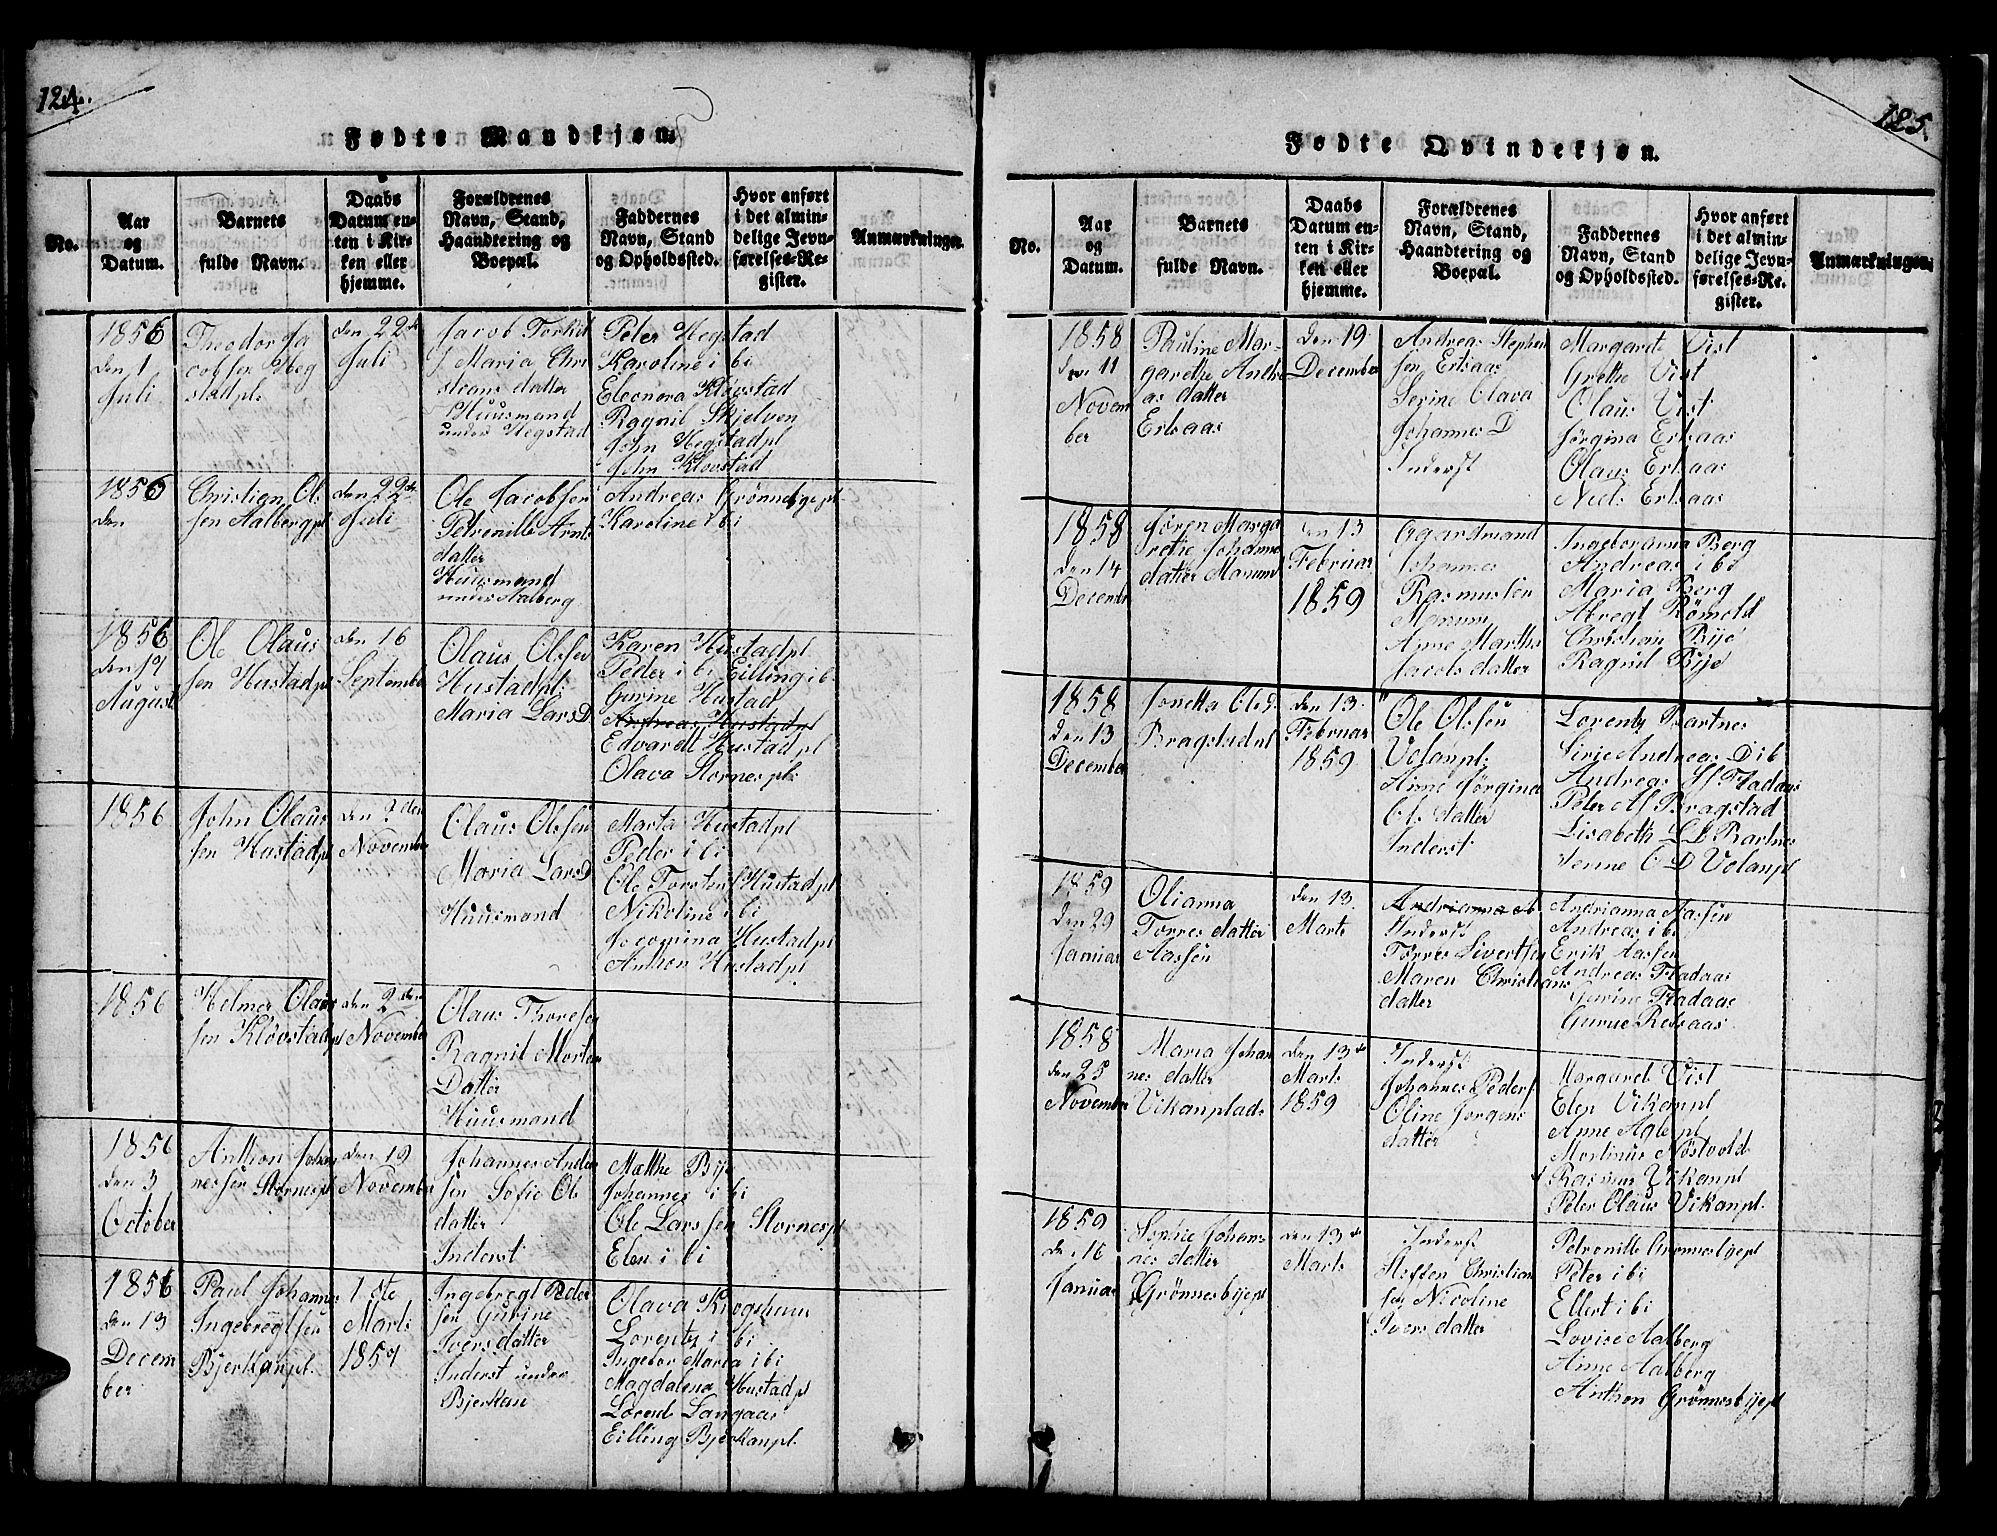 SAT, Ministerialprotokoller, klokkerbøker og fødselsregistre - Nord-Trøndelag, 732/L0317: Klokkerbok nr. 732C01, 1816-1881, s. 124-125